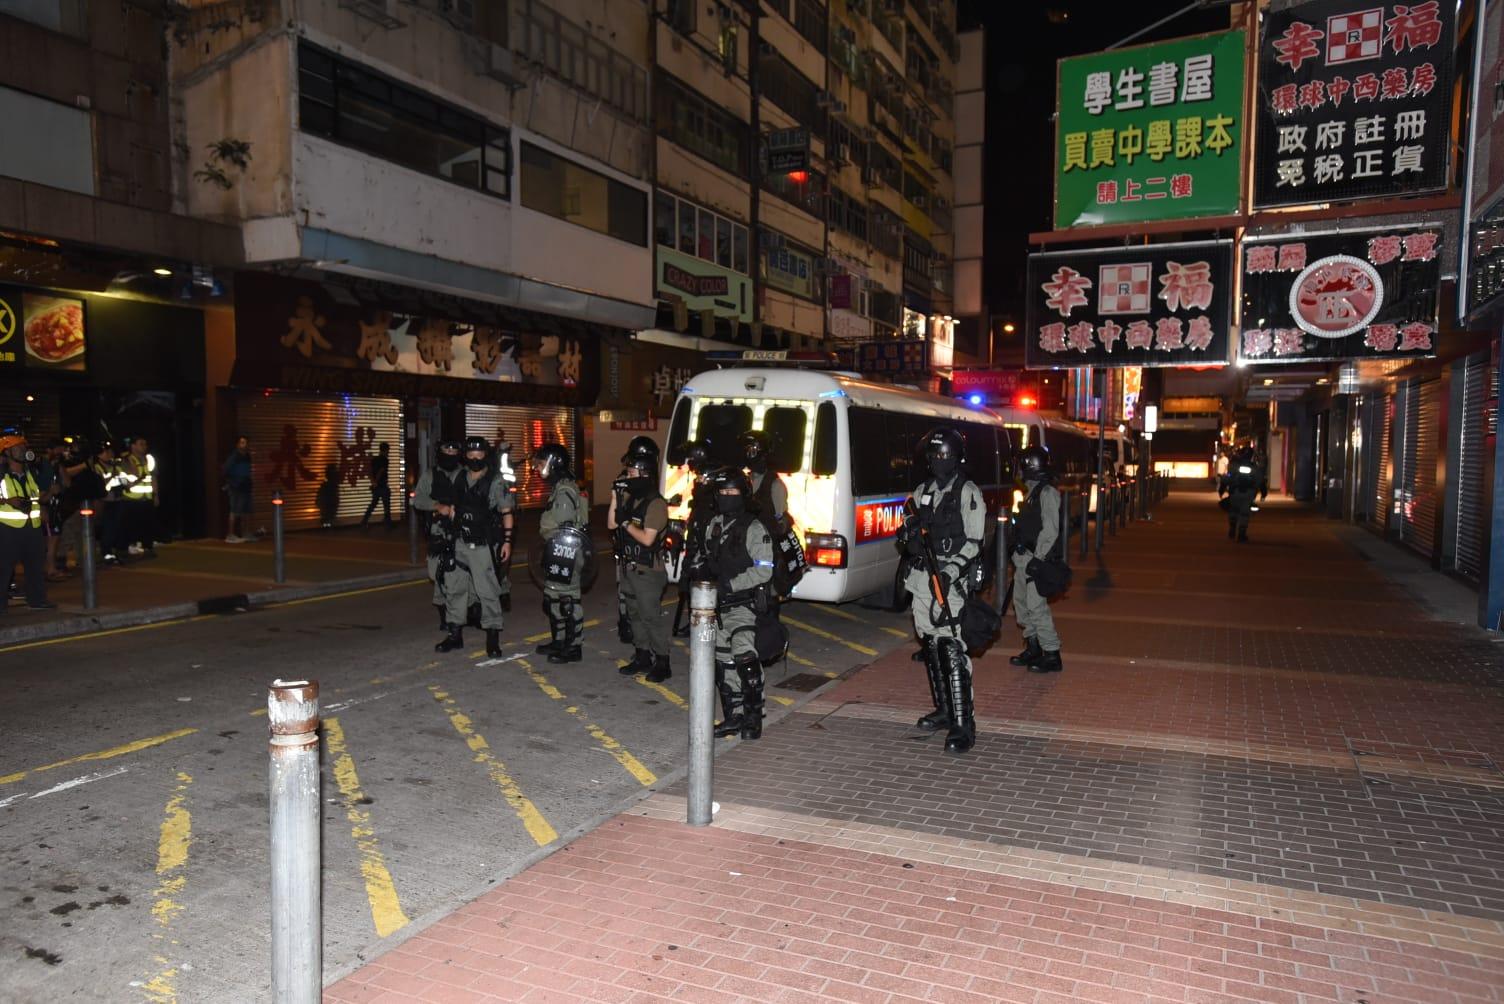 【修例风波】警员旺角黑旗警告驱散 示威者杂物堵路